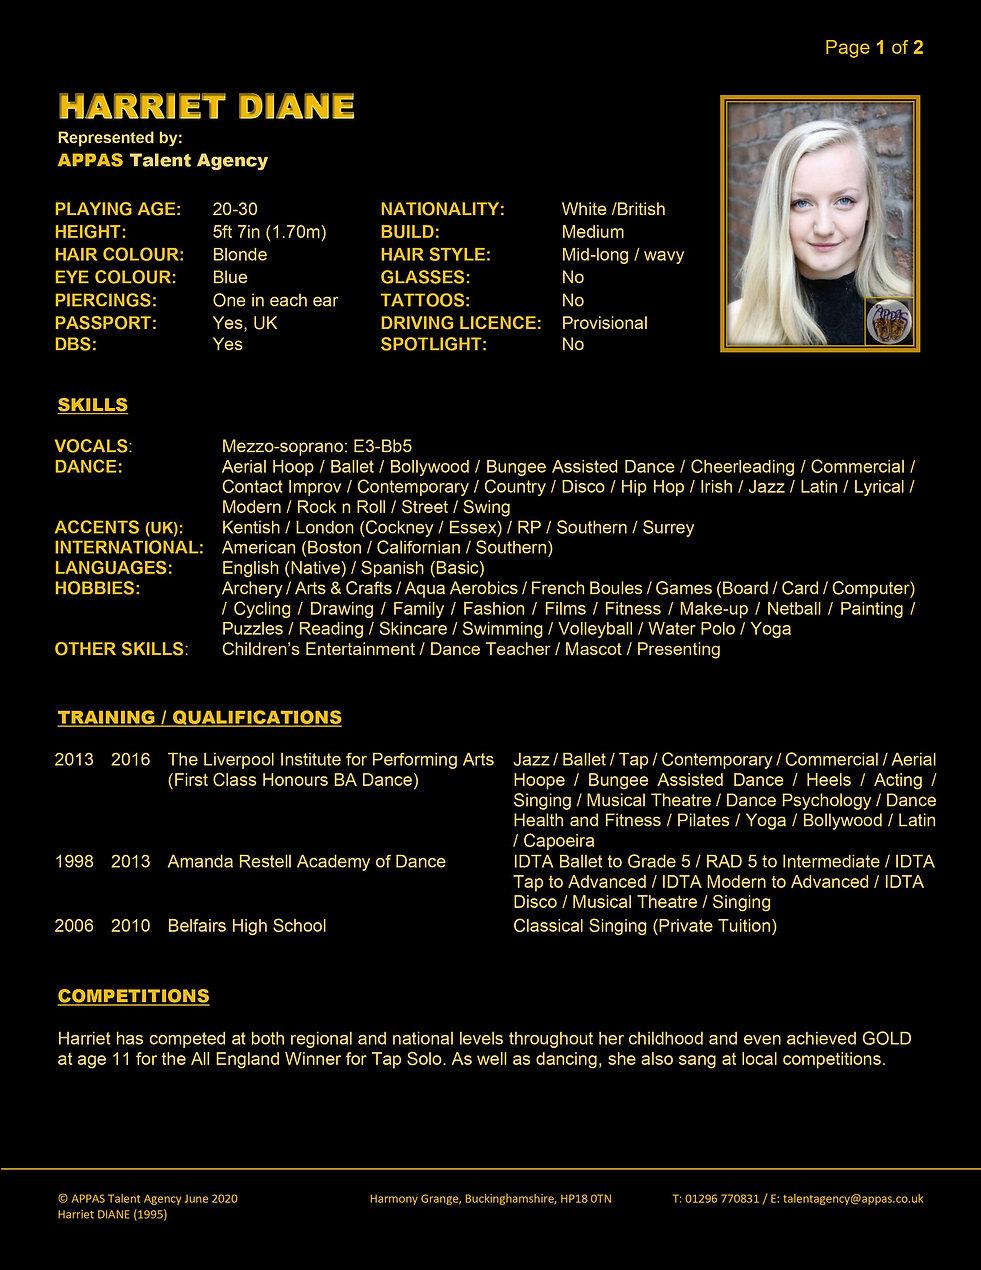 HARRIET DIANCE WEB CV (JUN 2020) 1.jpg